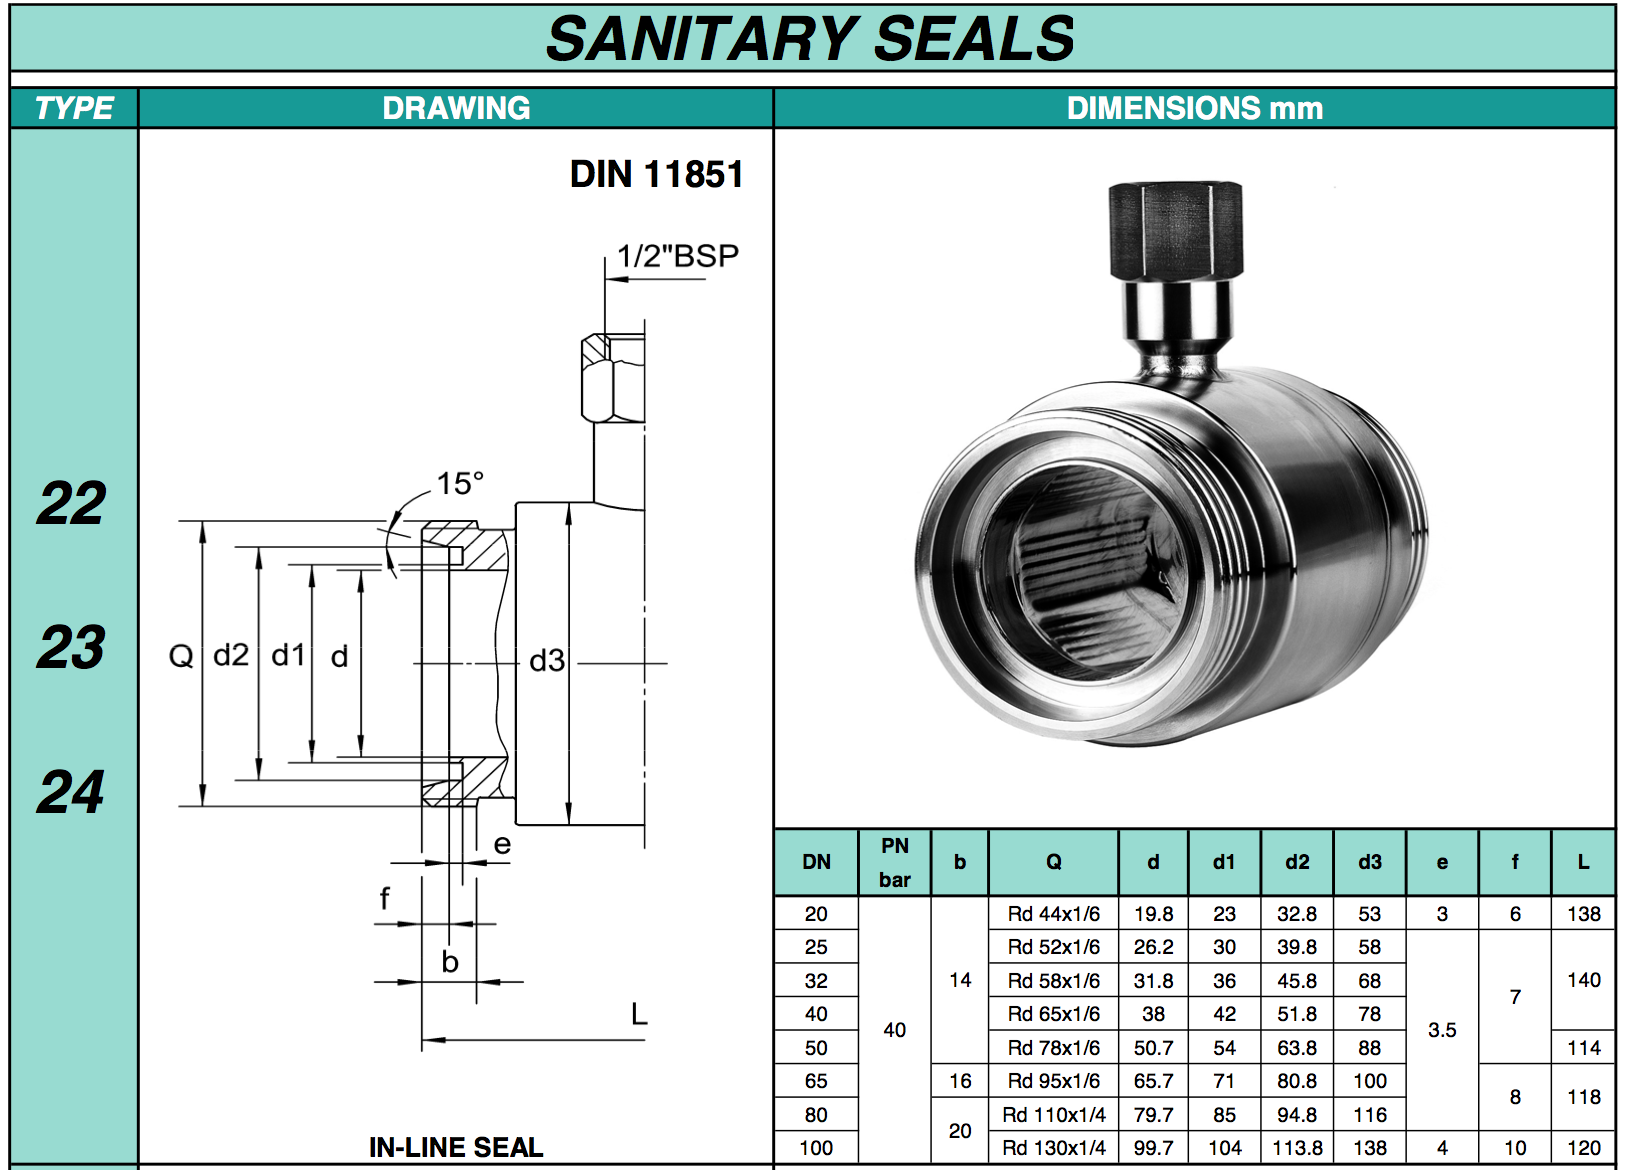 chuẩn kết nối dạng sanitary seal DIN 11851